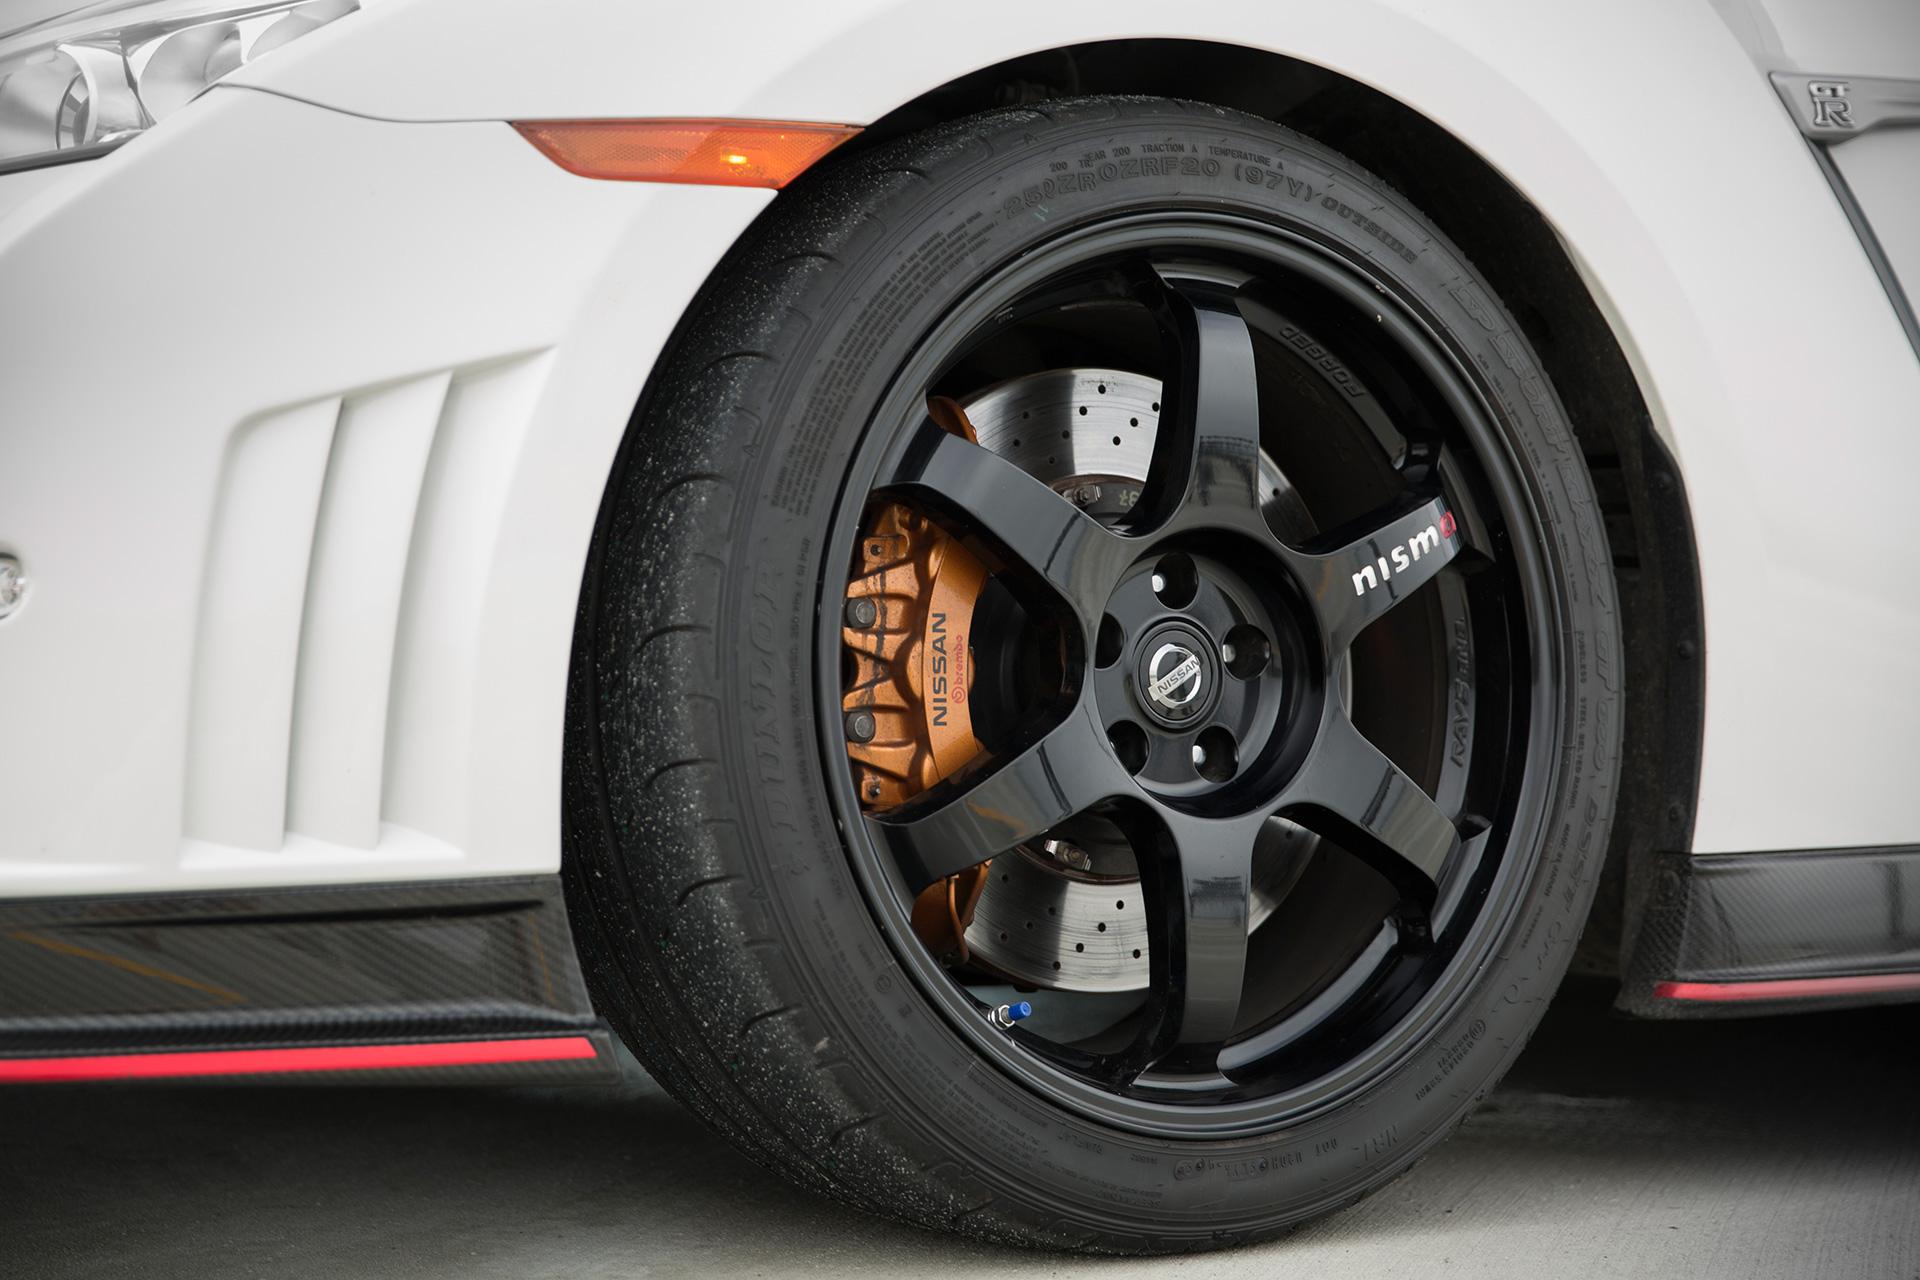 Nissan GT-R NISMO - jante / wheel